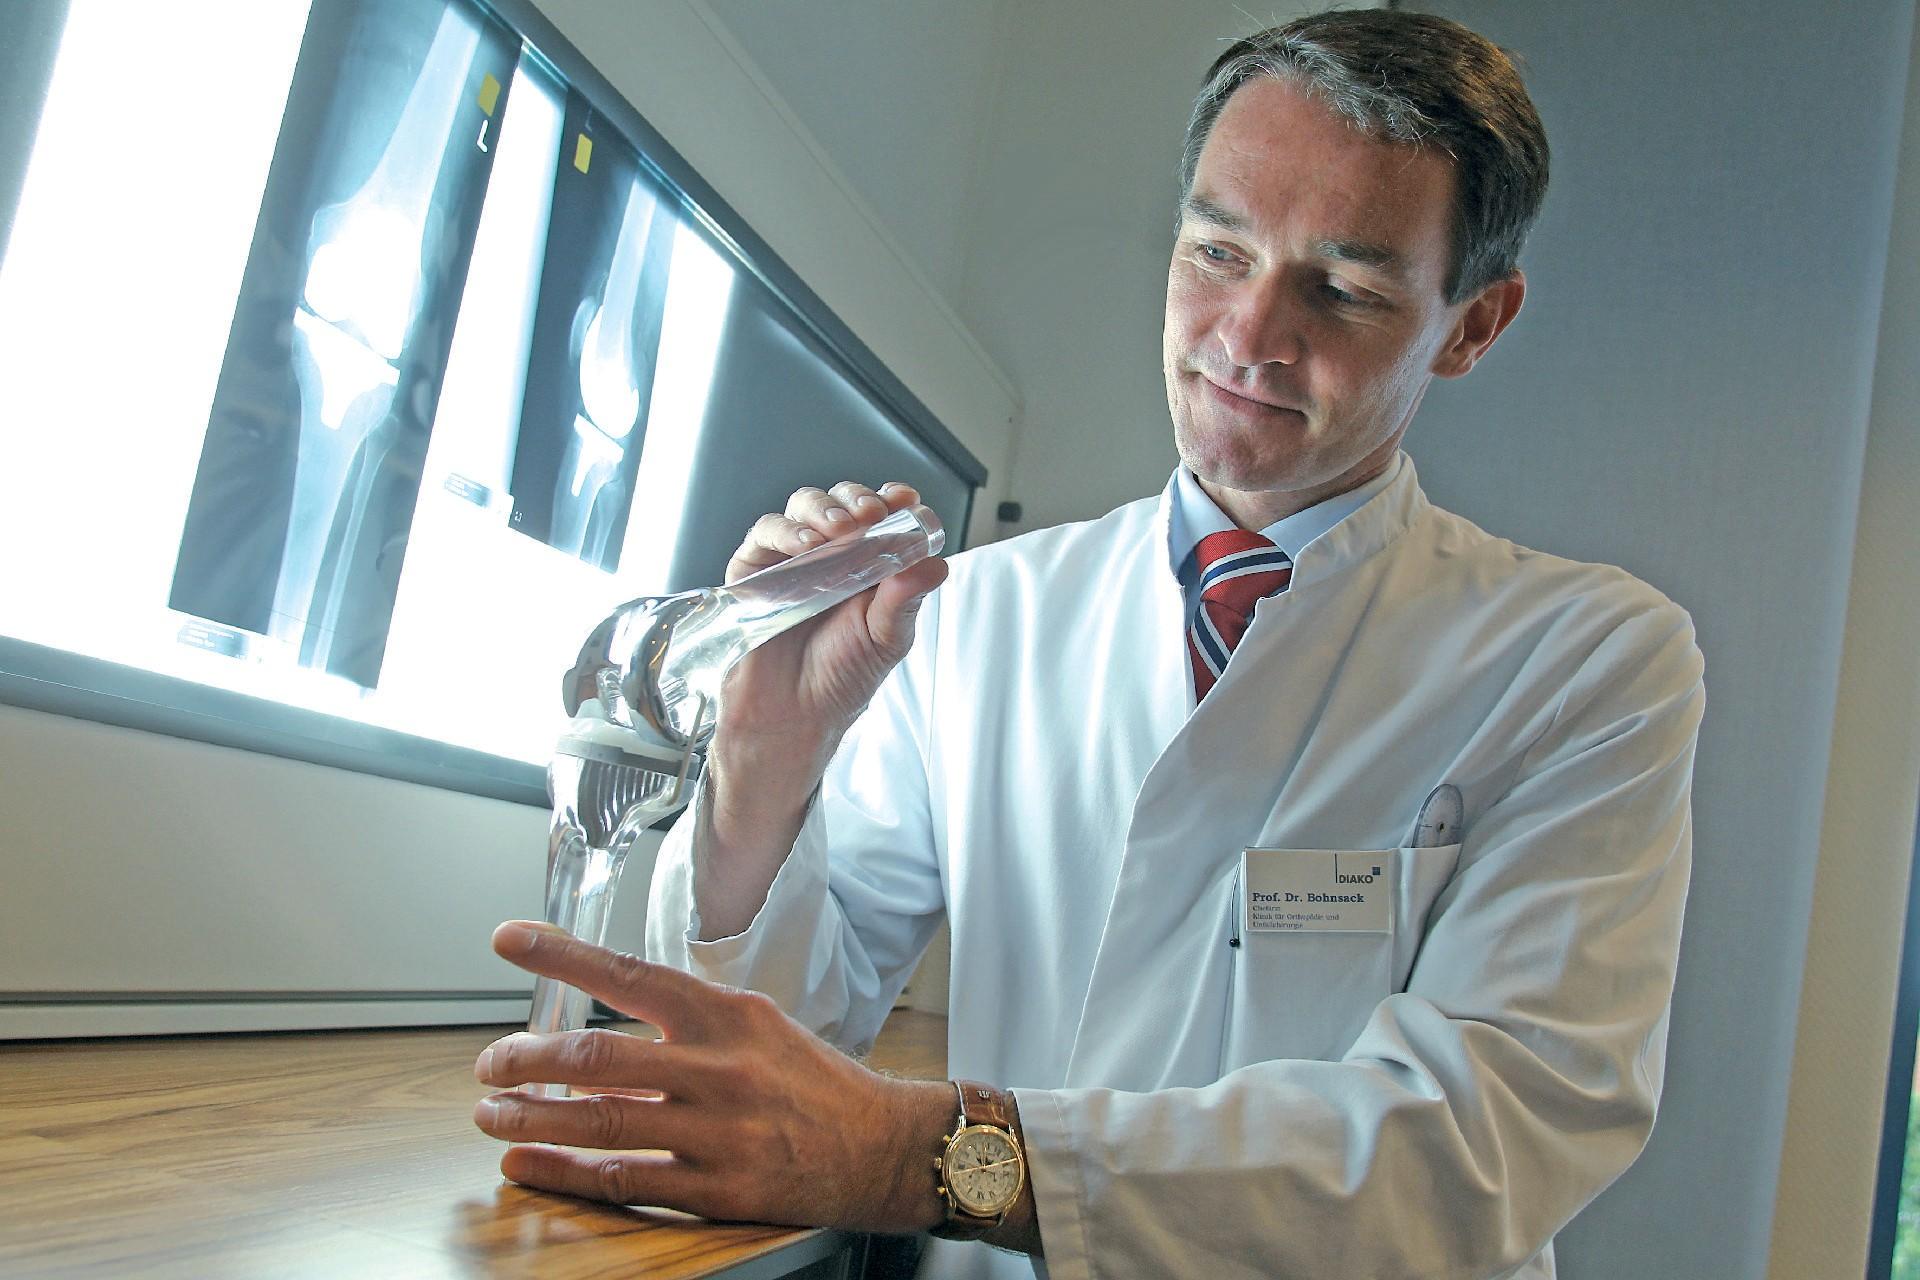 Schmerzen im Knie: Professor Michael Bohnsack ist Experte für künstliche Kniegelenke.